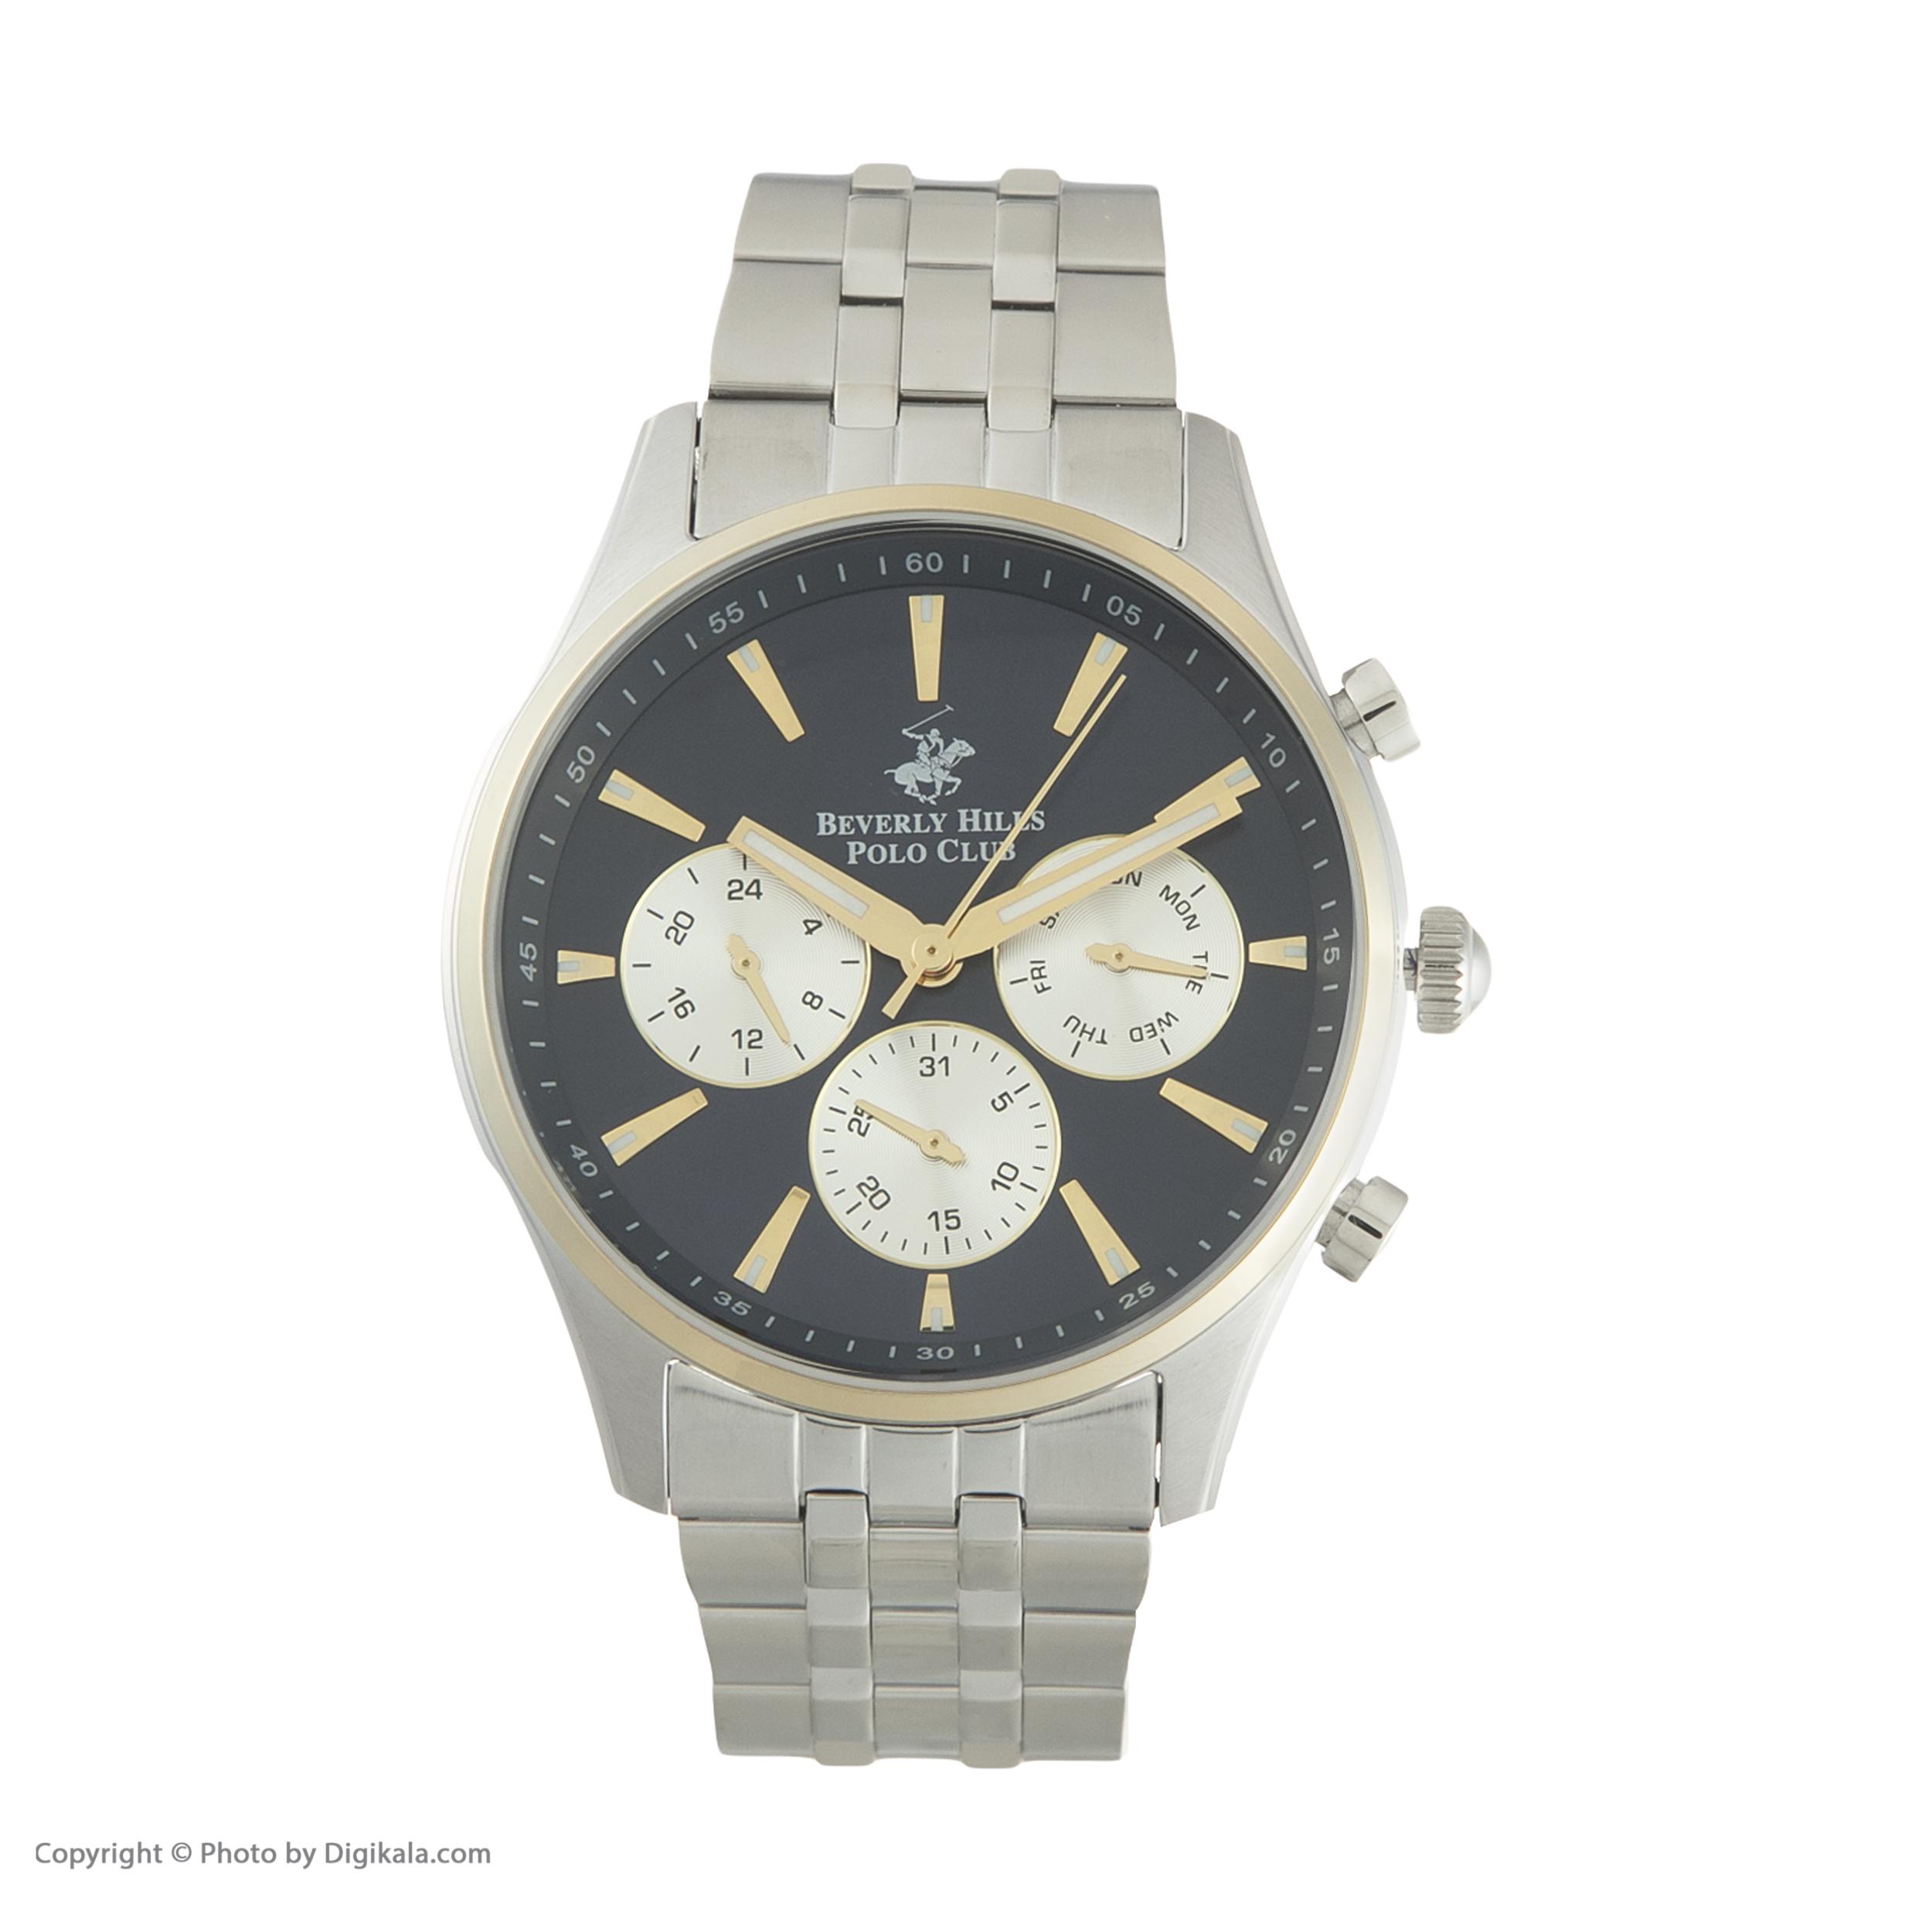 ساعت مچی عقربهای مردانه بورلی هیلز پولو کلاب مدل BP3009X.290